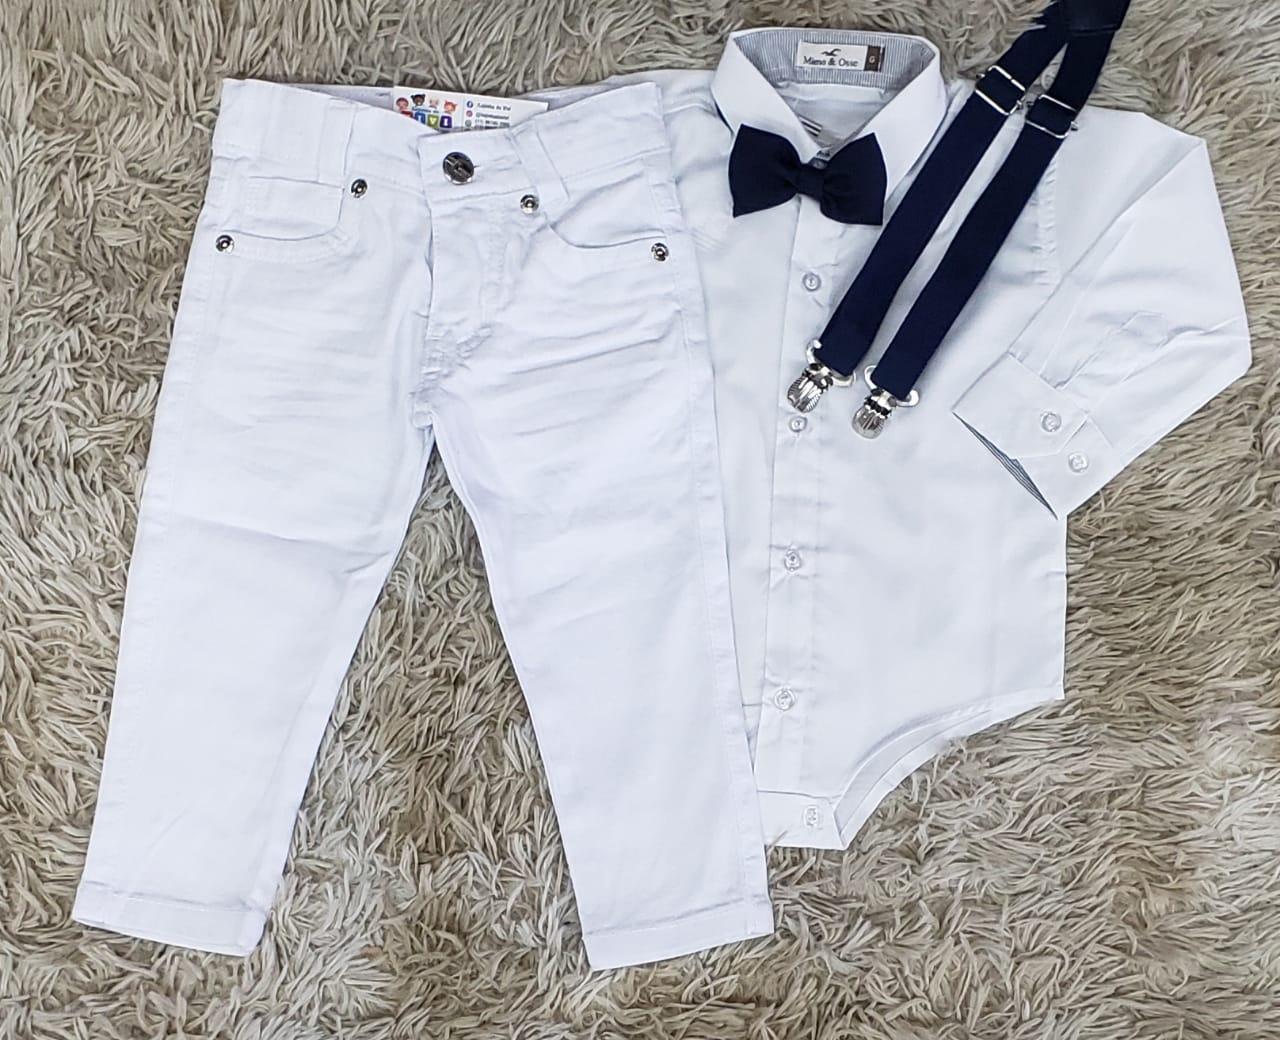 Calça Branca com Suspensório e Body Social com Gravata